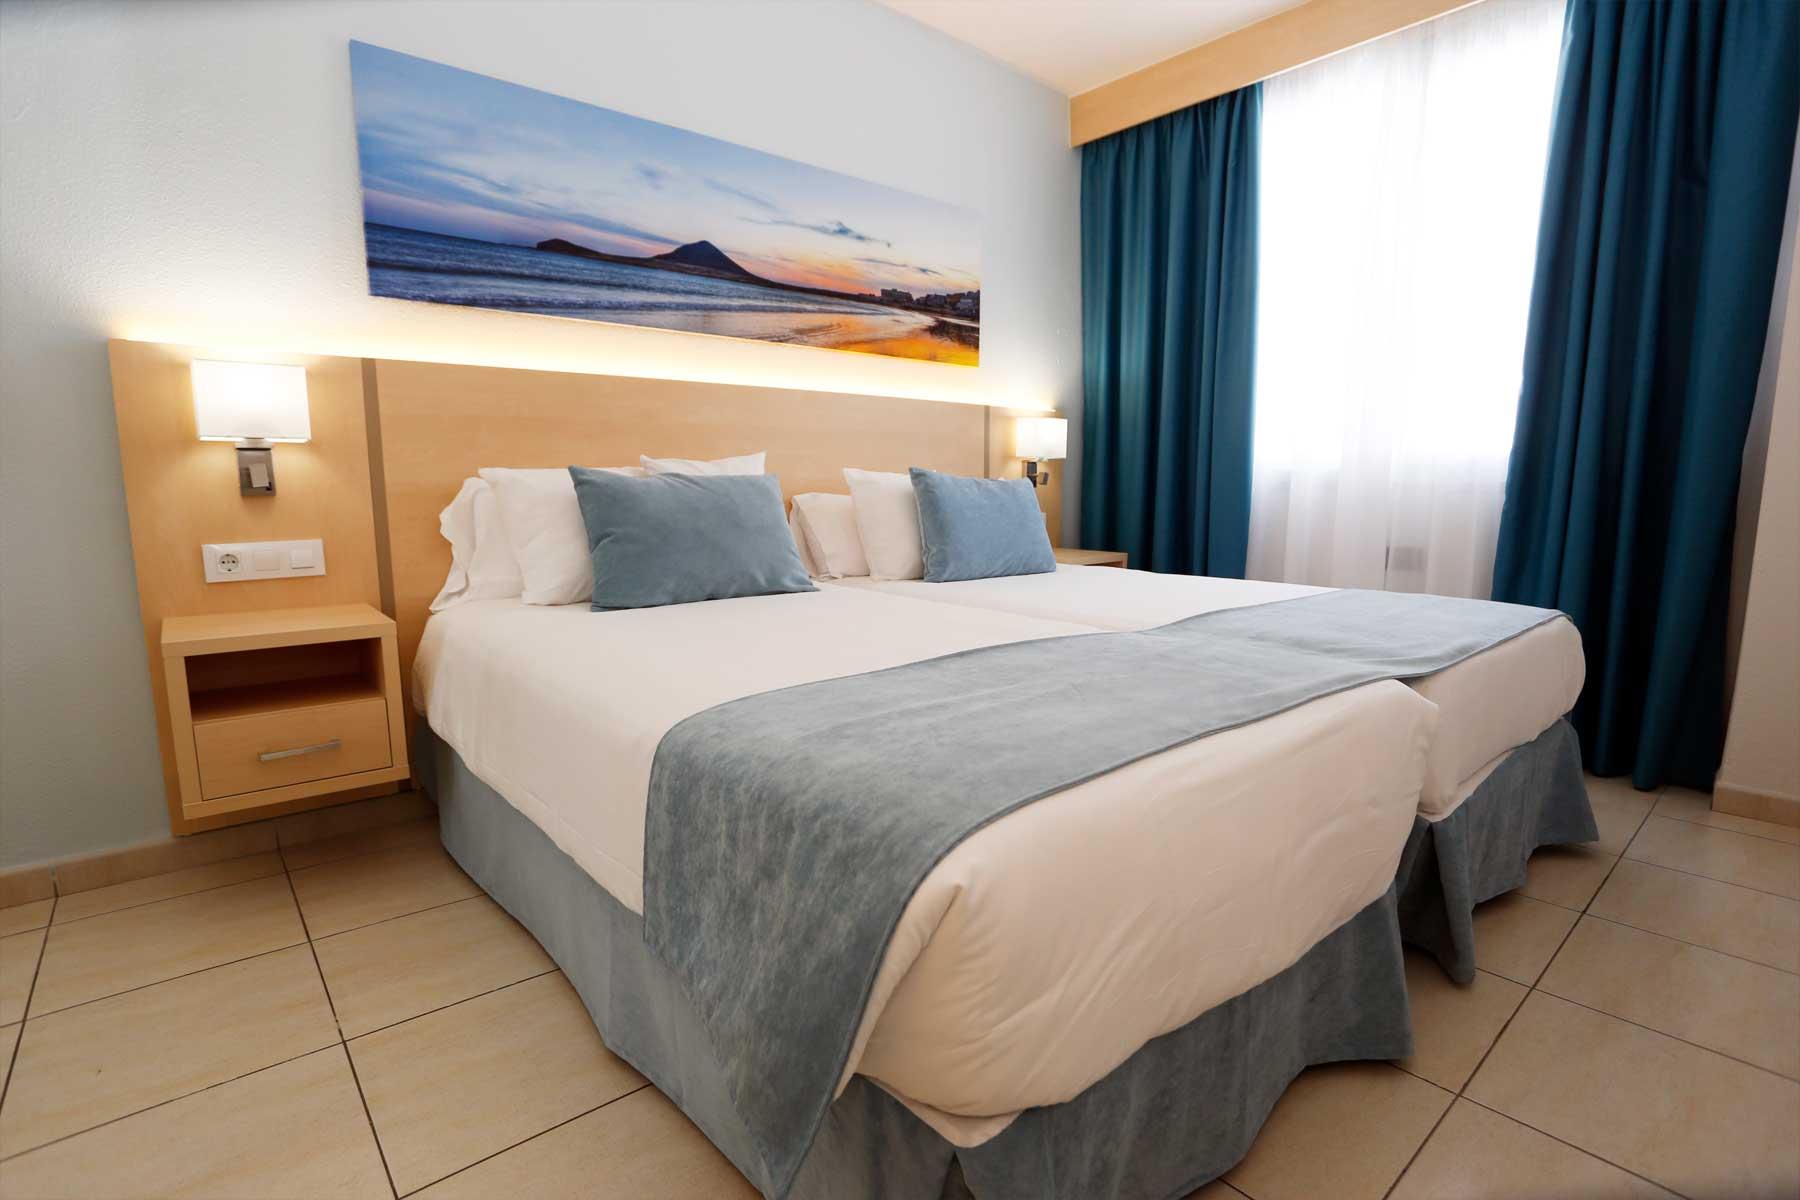 Fotos hotel andorra tenerife web oficial - Arona web camera ...